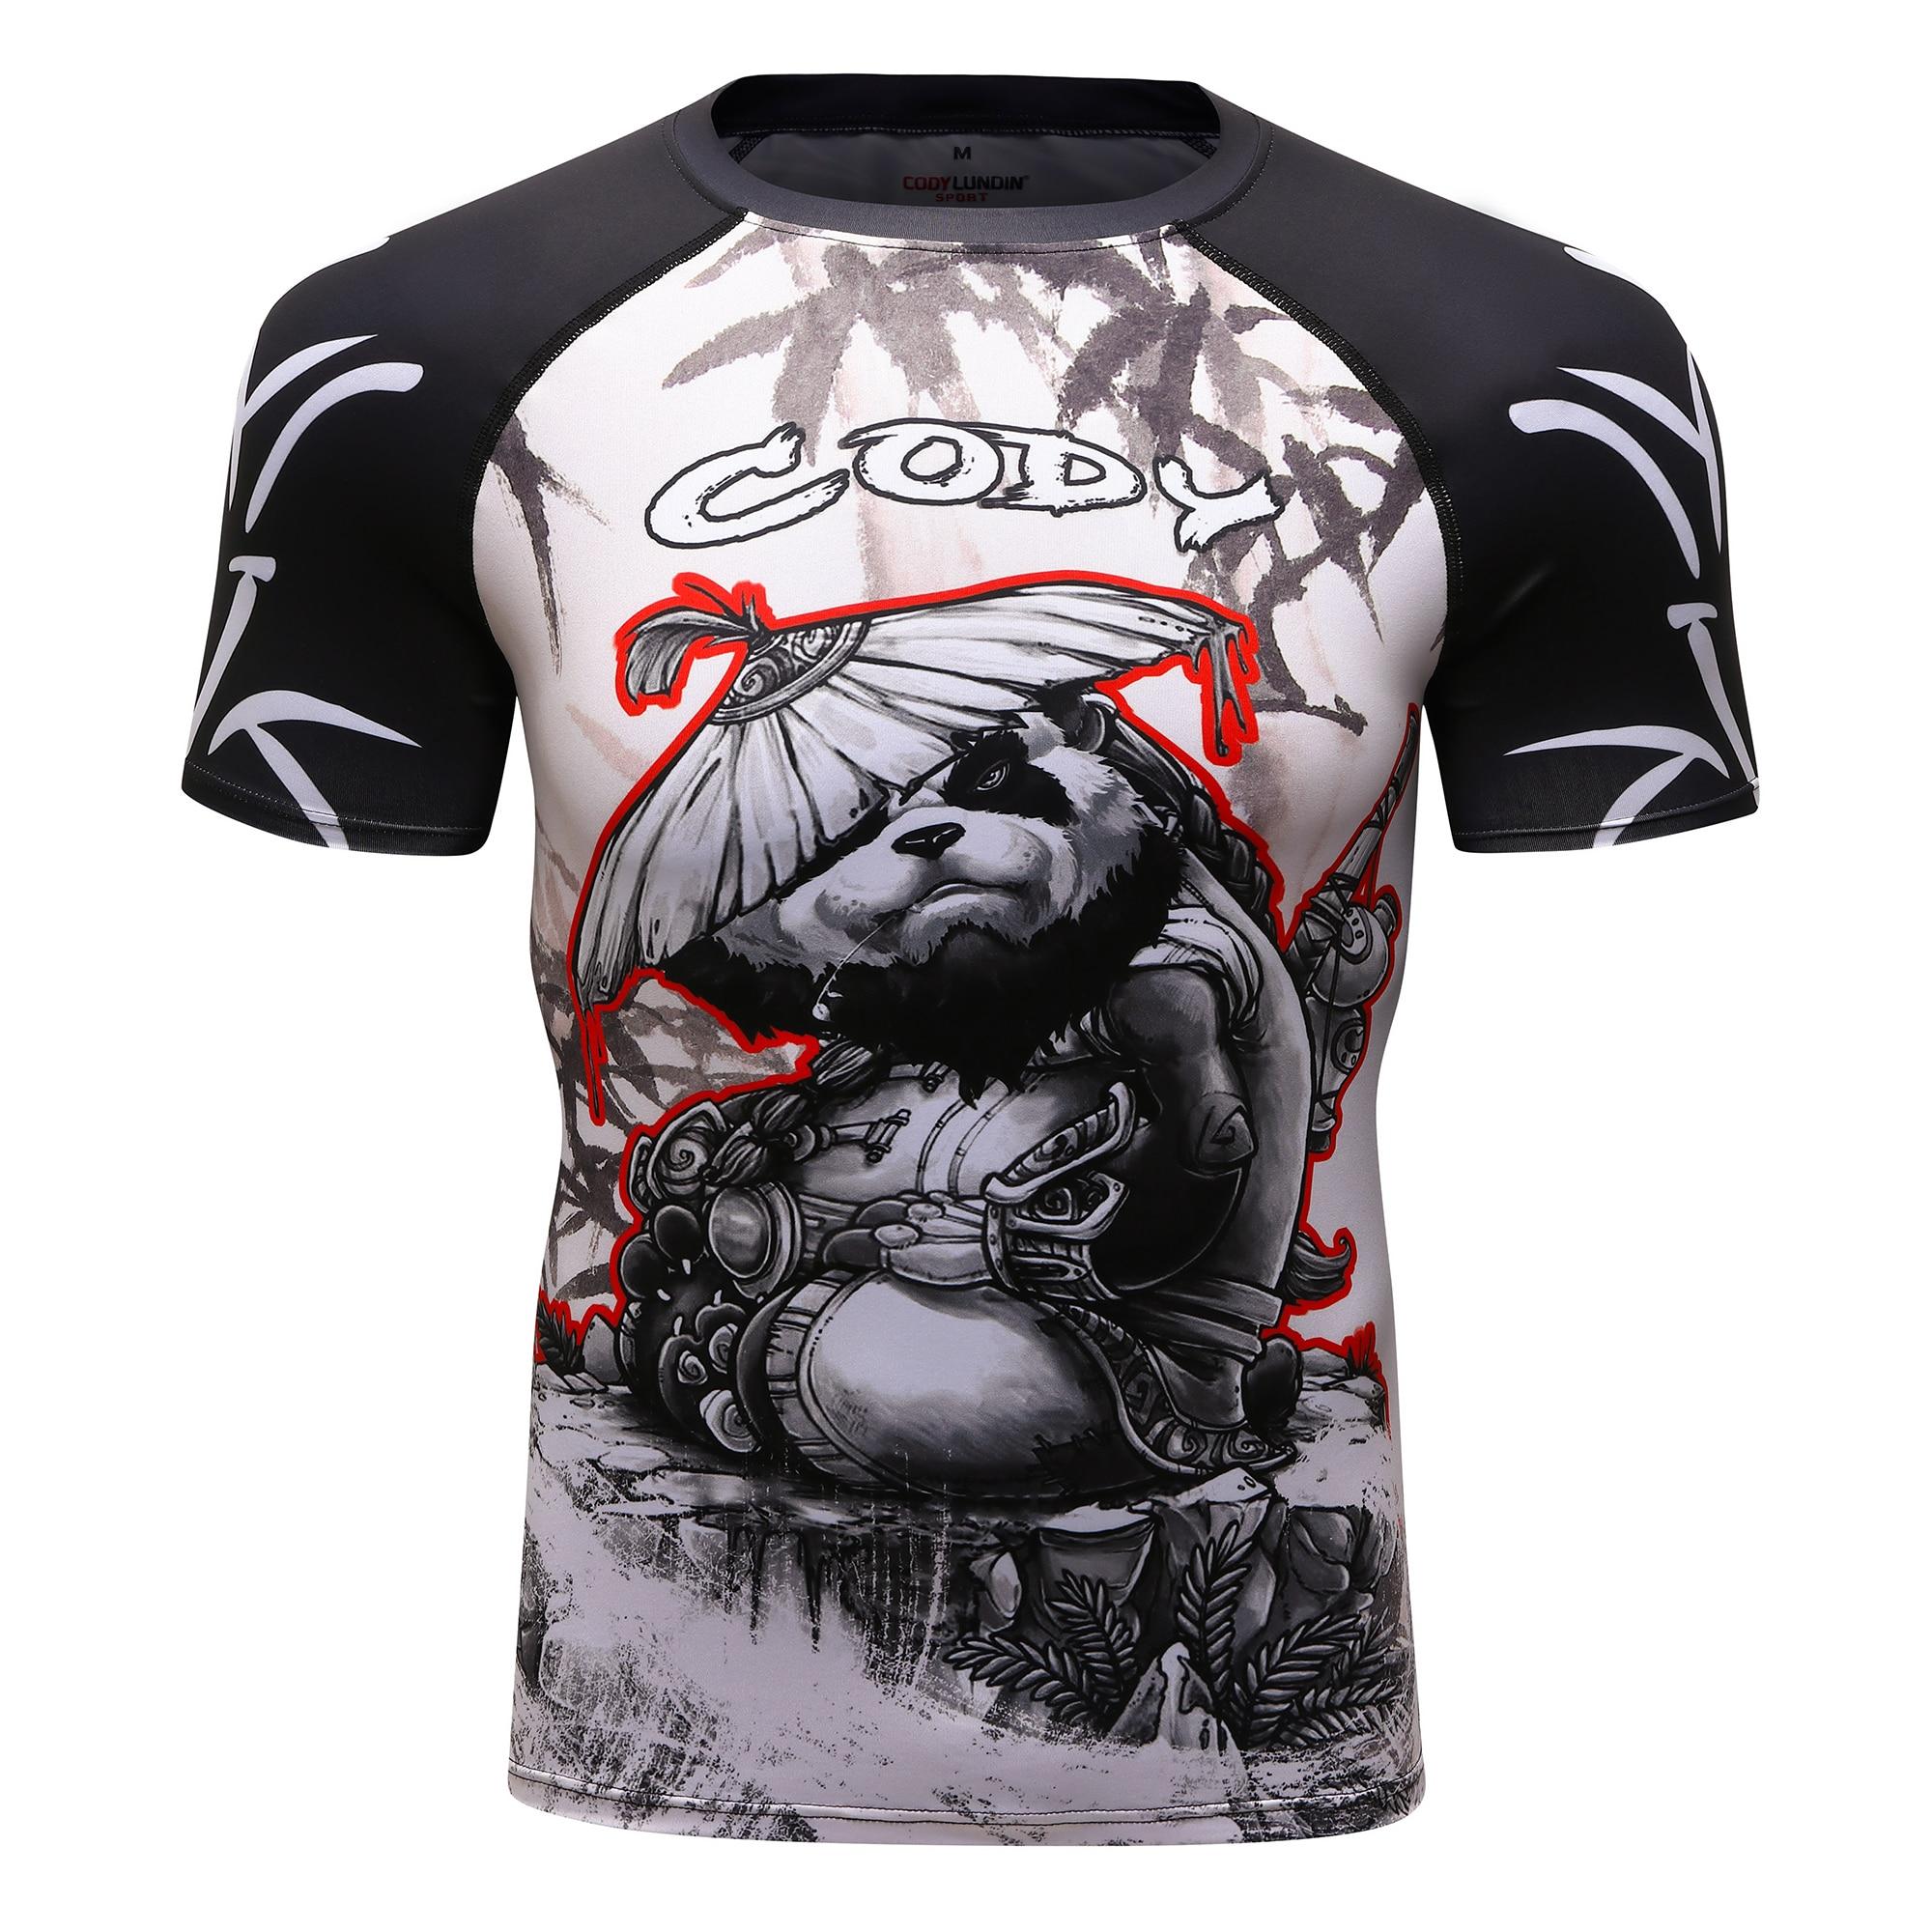 Rashguard Mma Boxing T Shirts Men BJJ Muay Thai Mma 3D Kickboxing Shirts Boxing Fights Boxing Tricks BJJ Gym Boxeo Men's T-Shirt